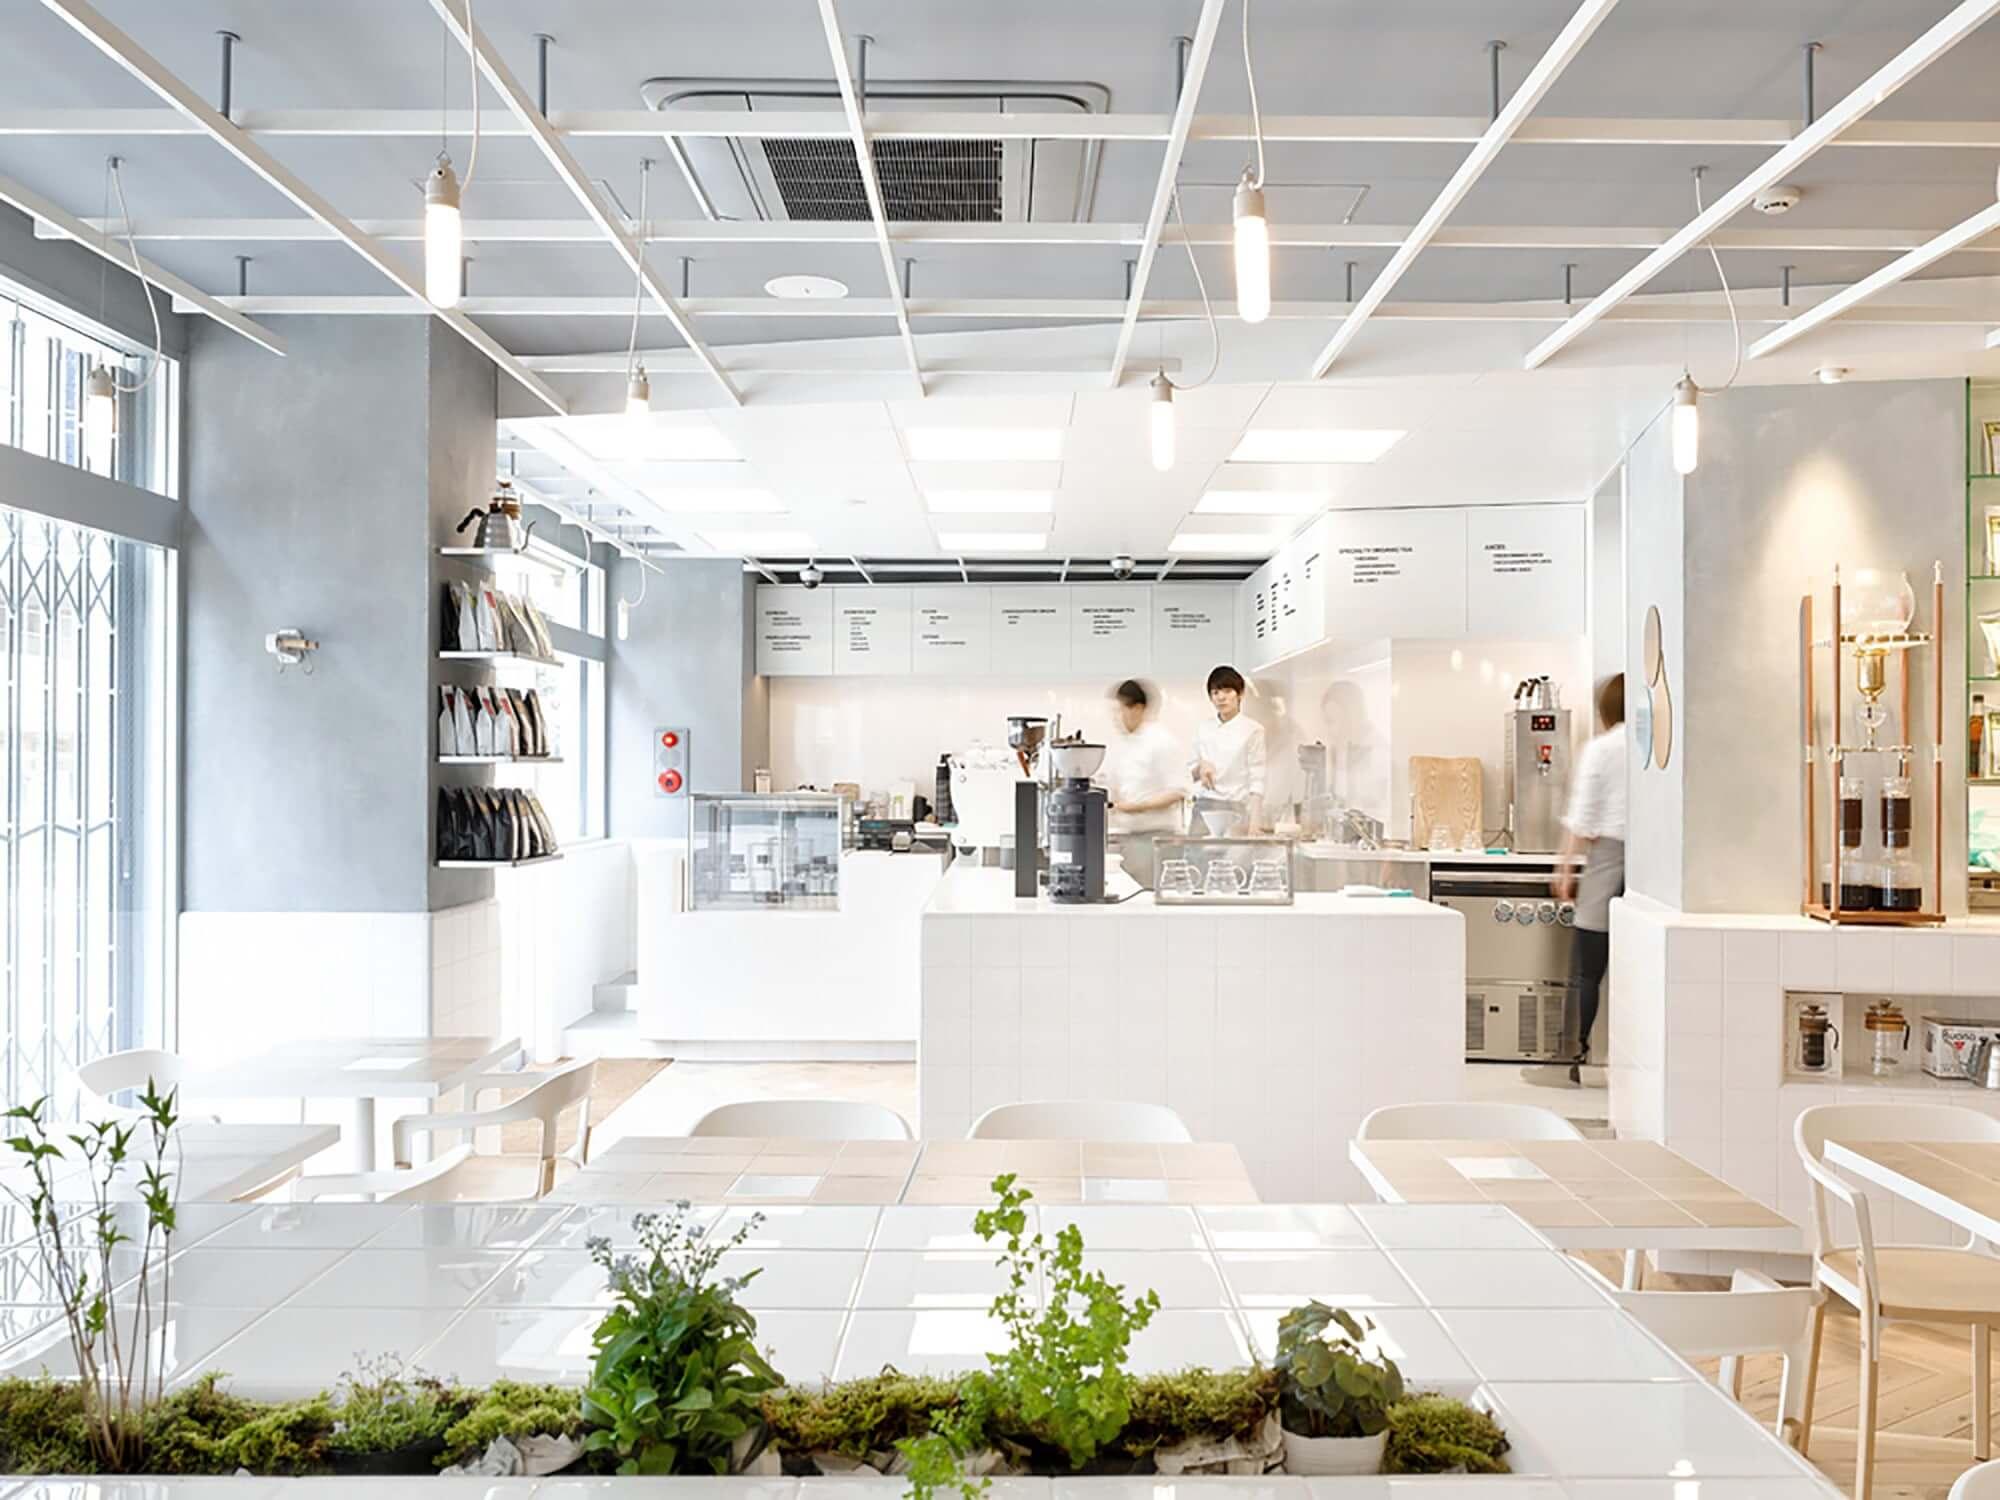 дизайн небольшого ресторана